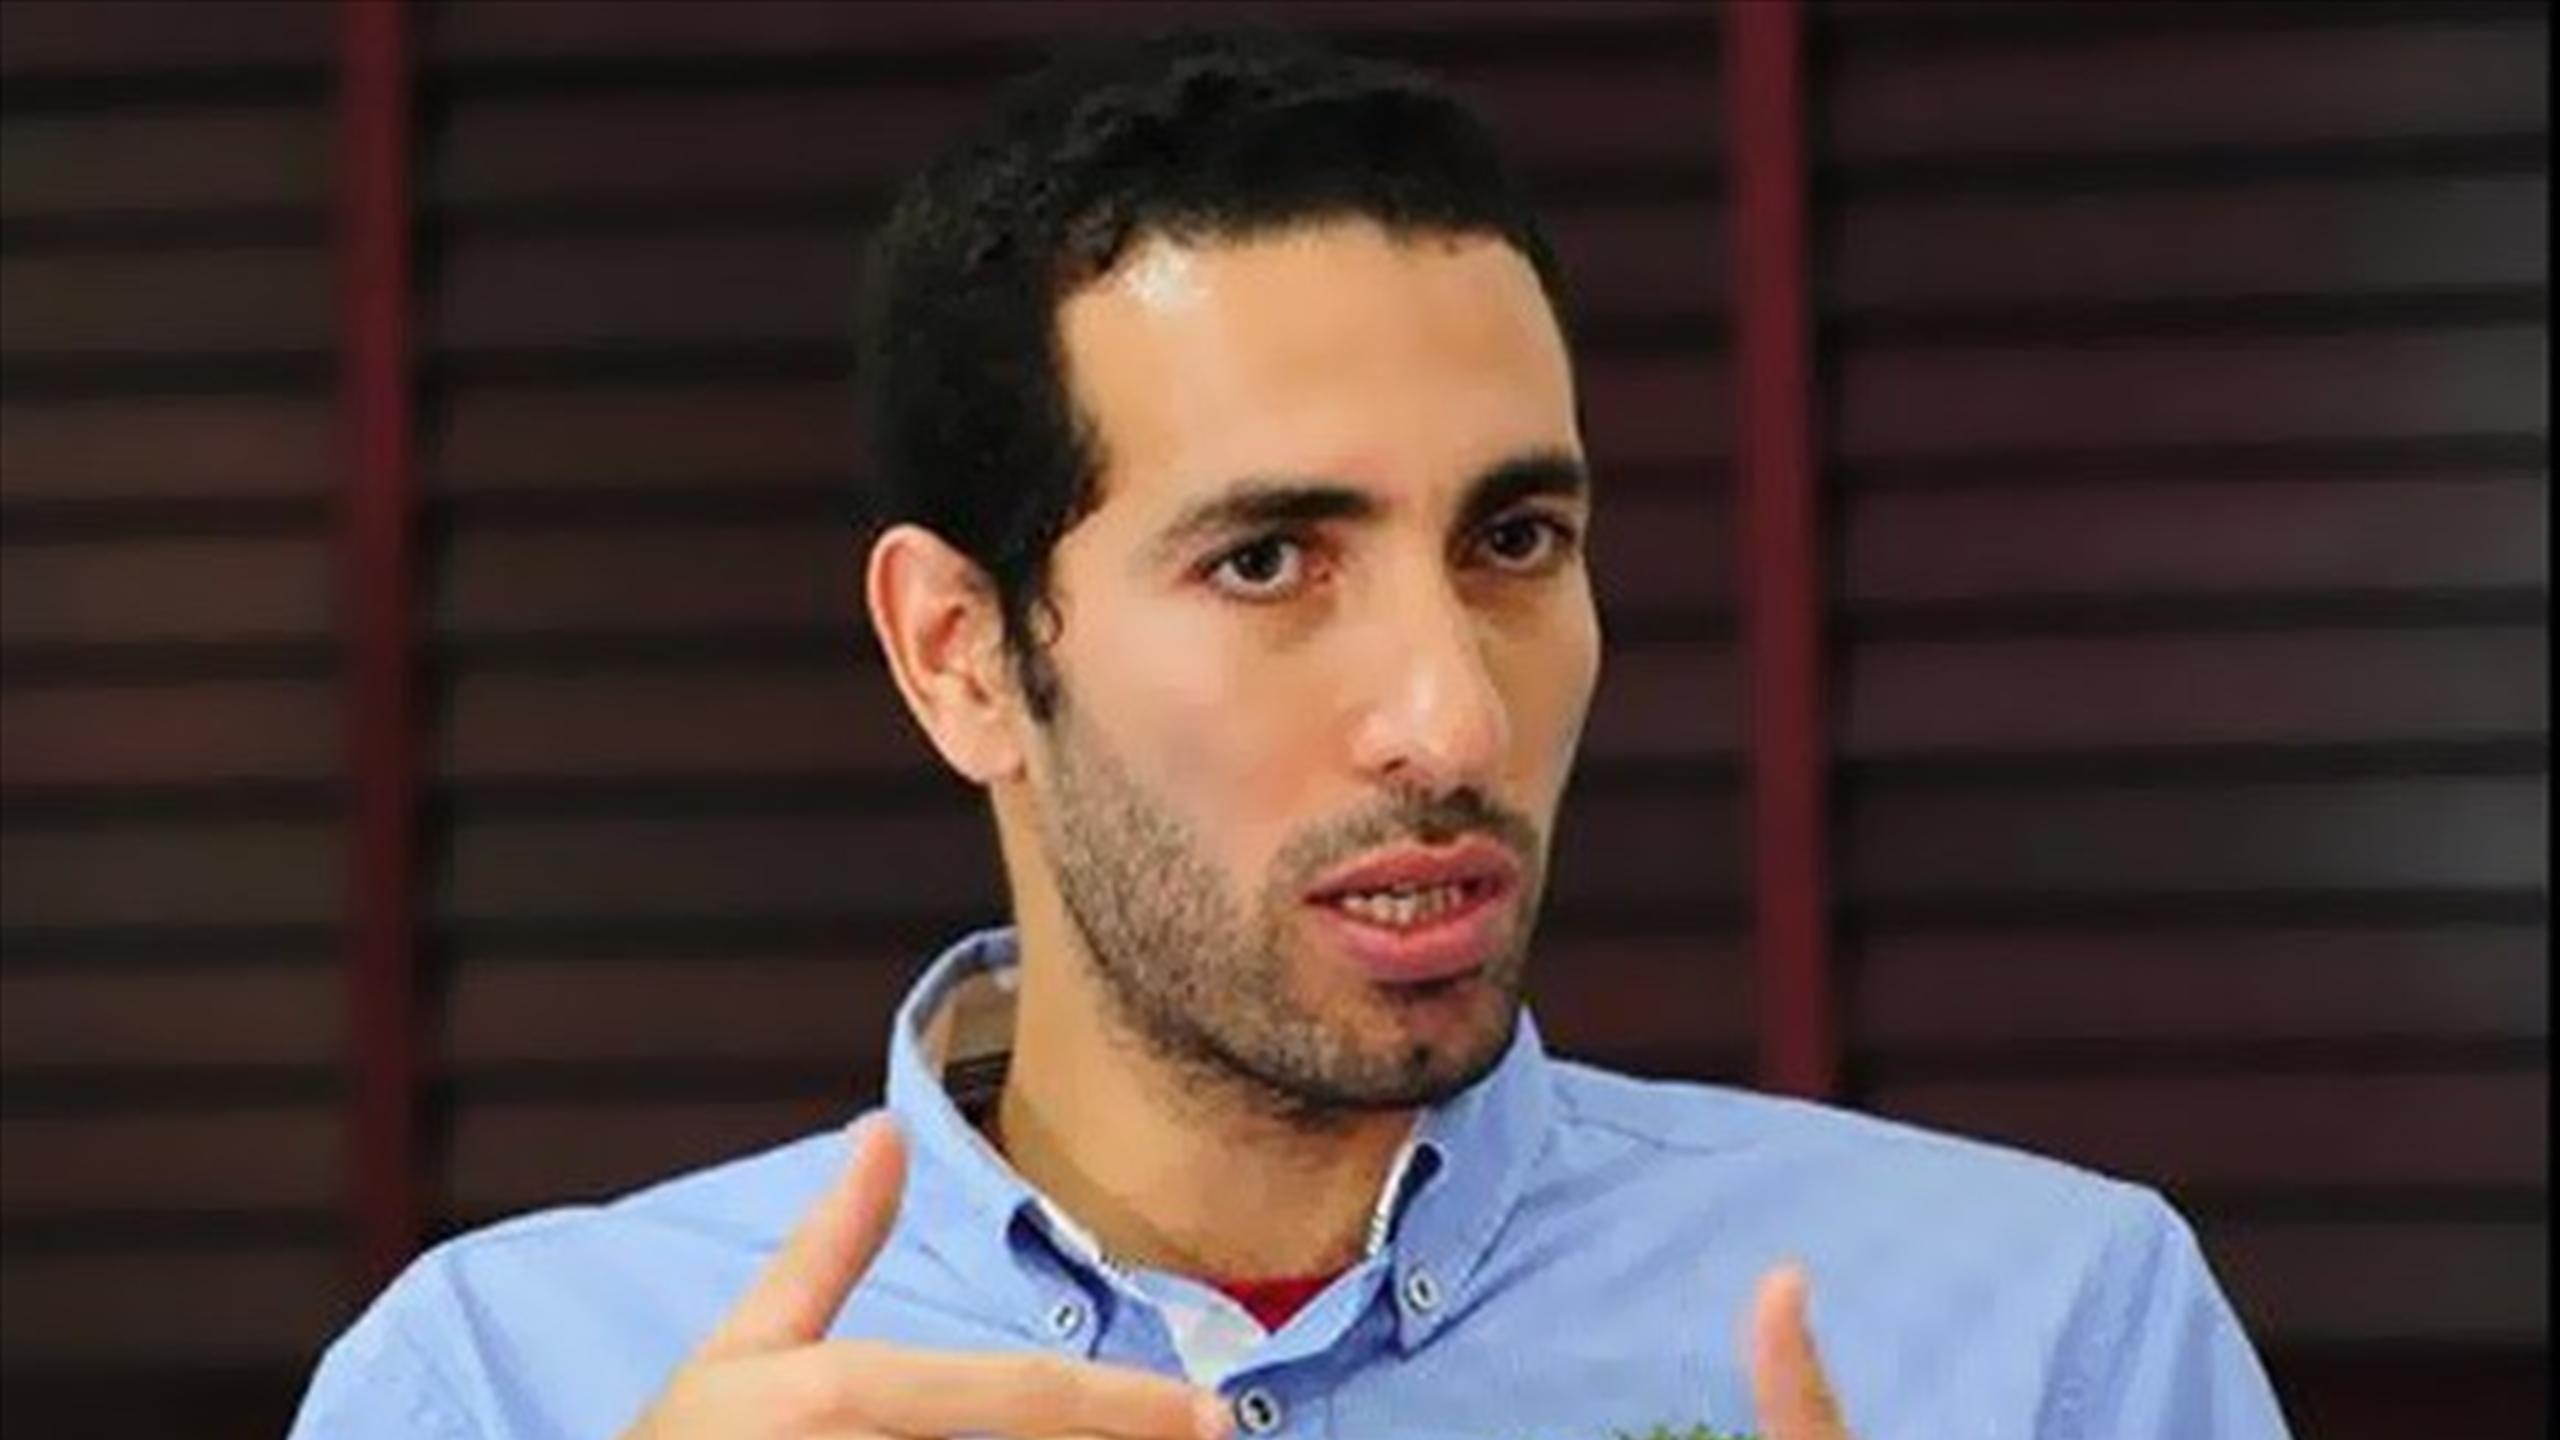 صورة الحكم في طعن أبو تريكة على قرار إدراجه بقوائم الإرهاب 2 يوليو